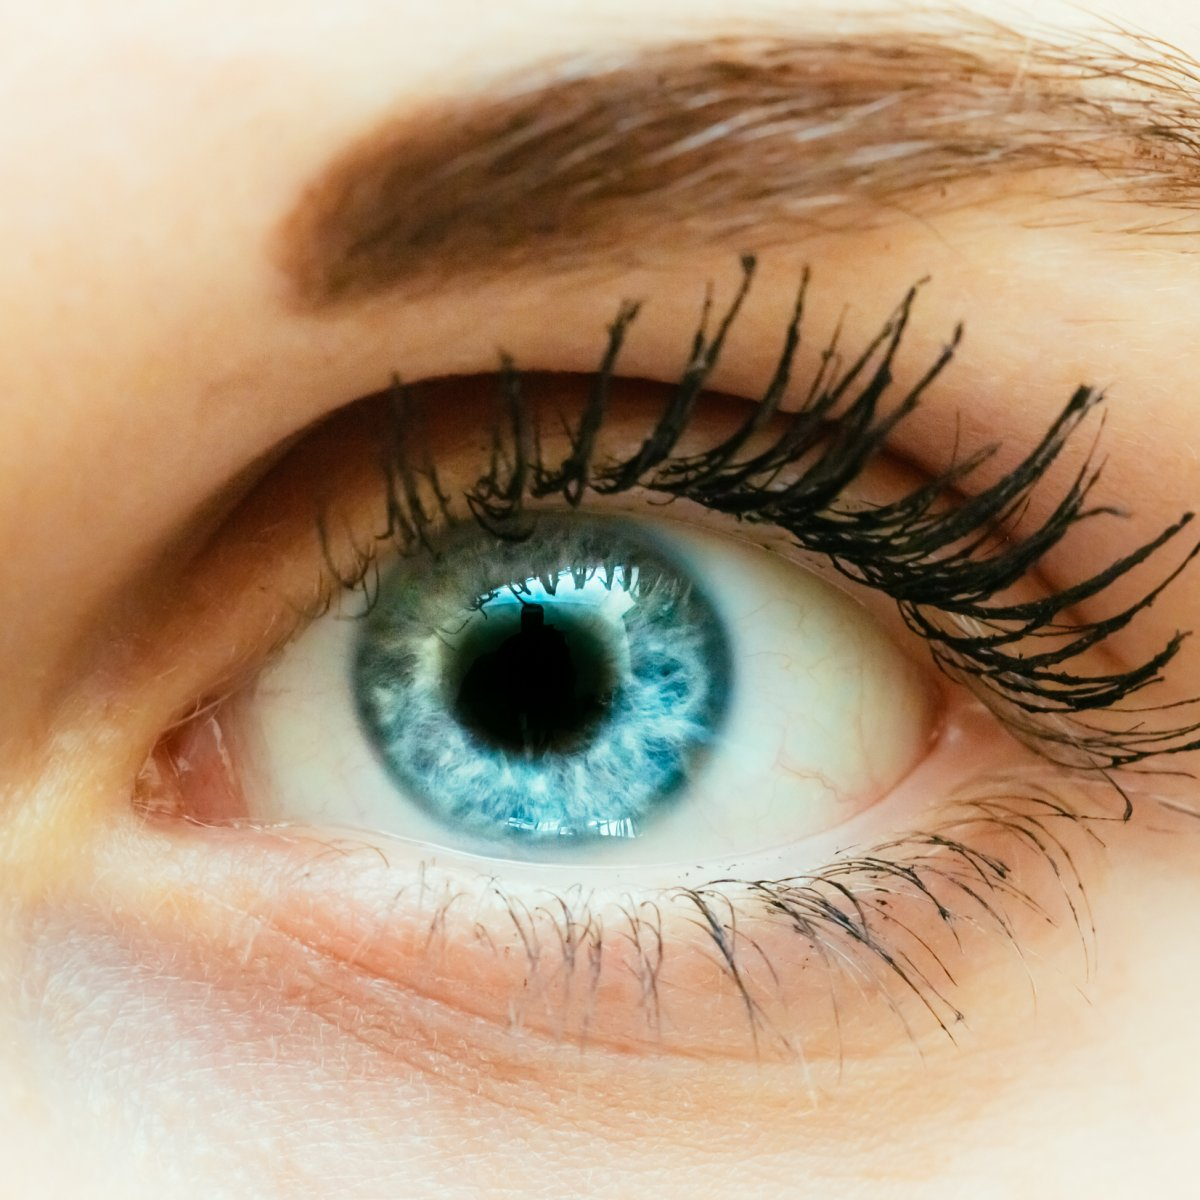 Um iris ring dunkler die Limbaler Ring,